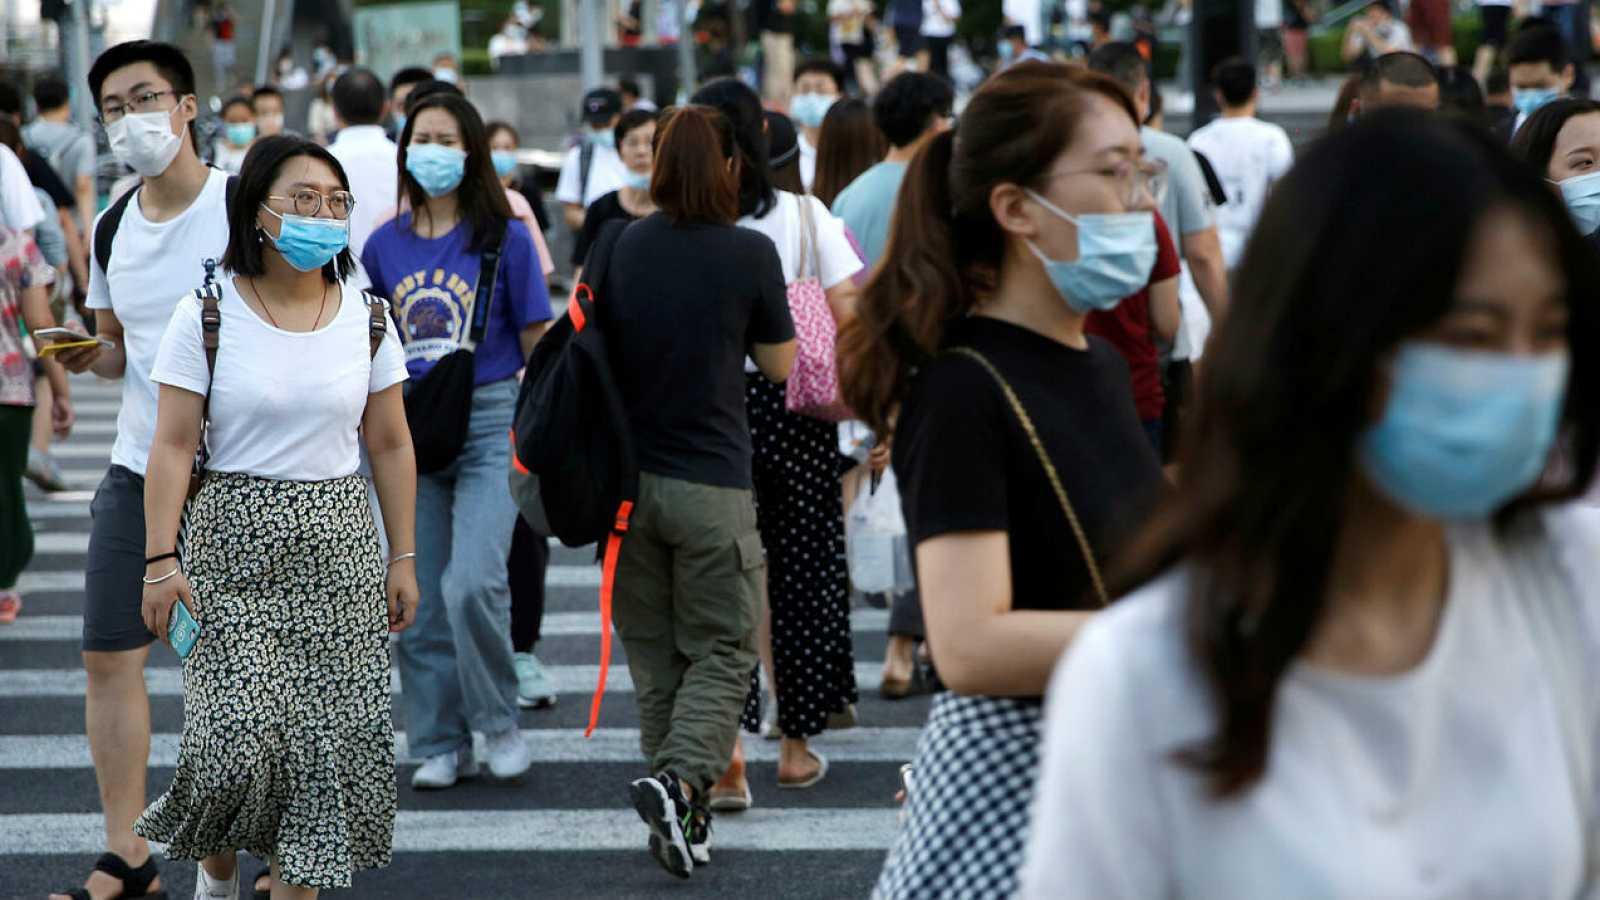 Personas con mascarillas cruzan una calle en un área comercial en Beijing, China.